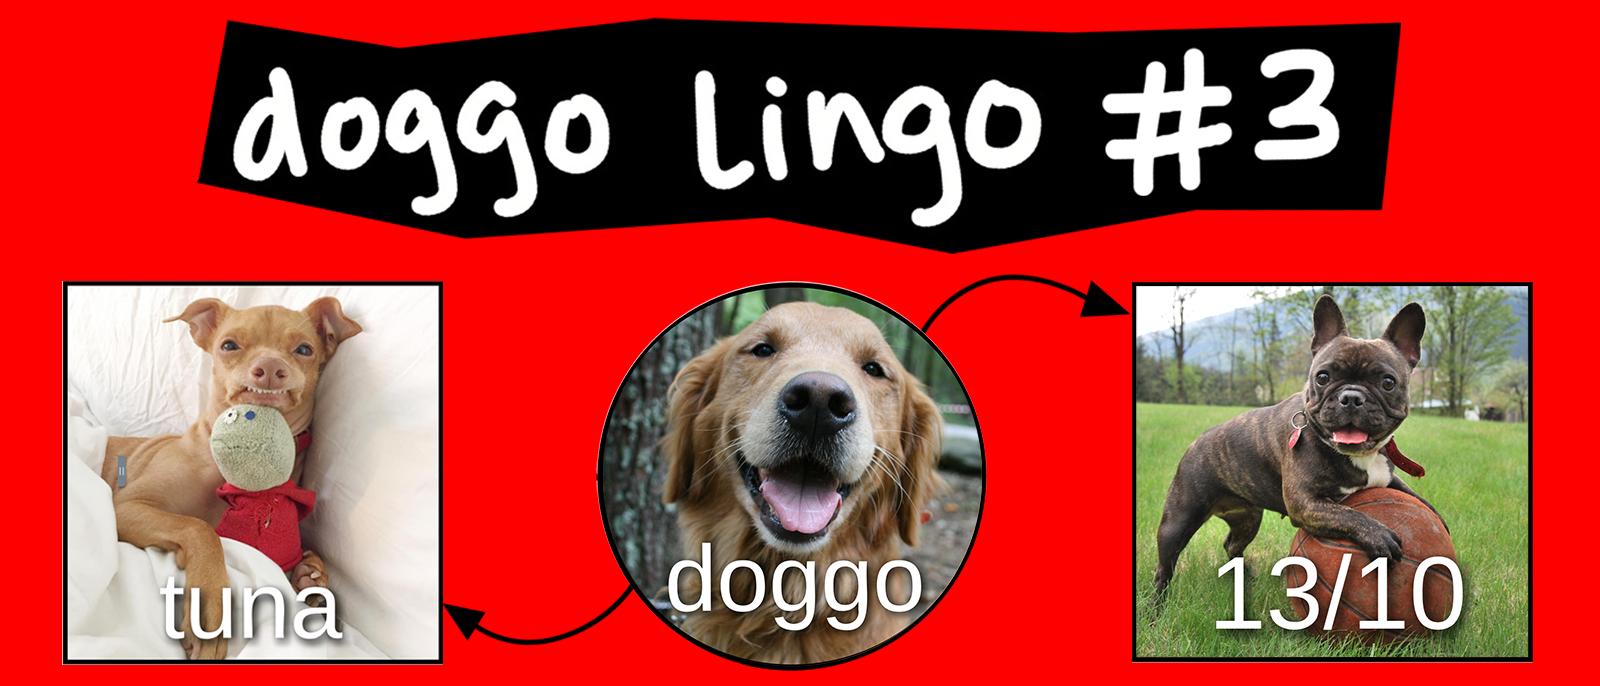 doggo meme chart